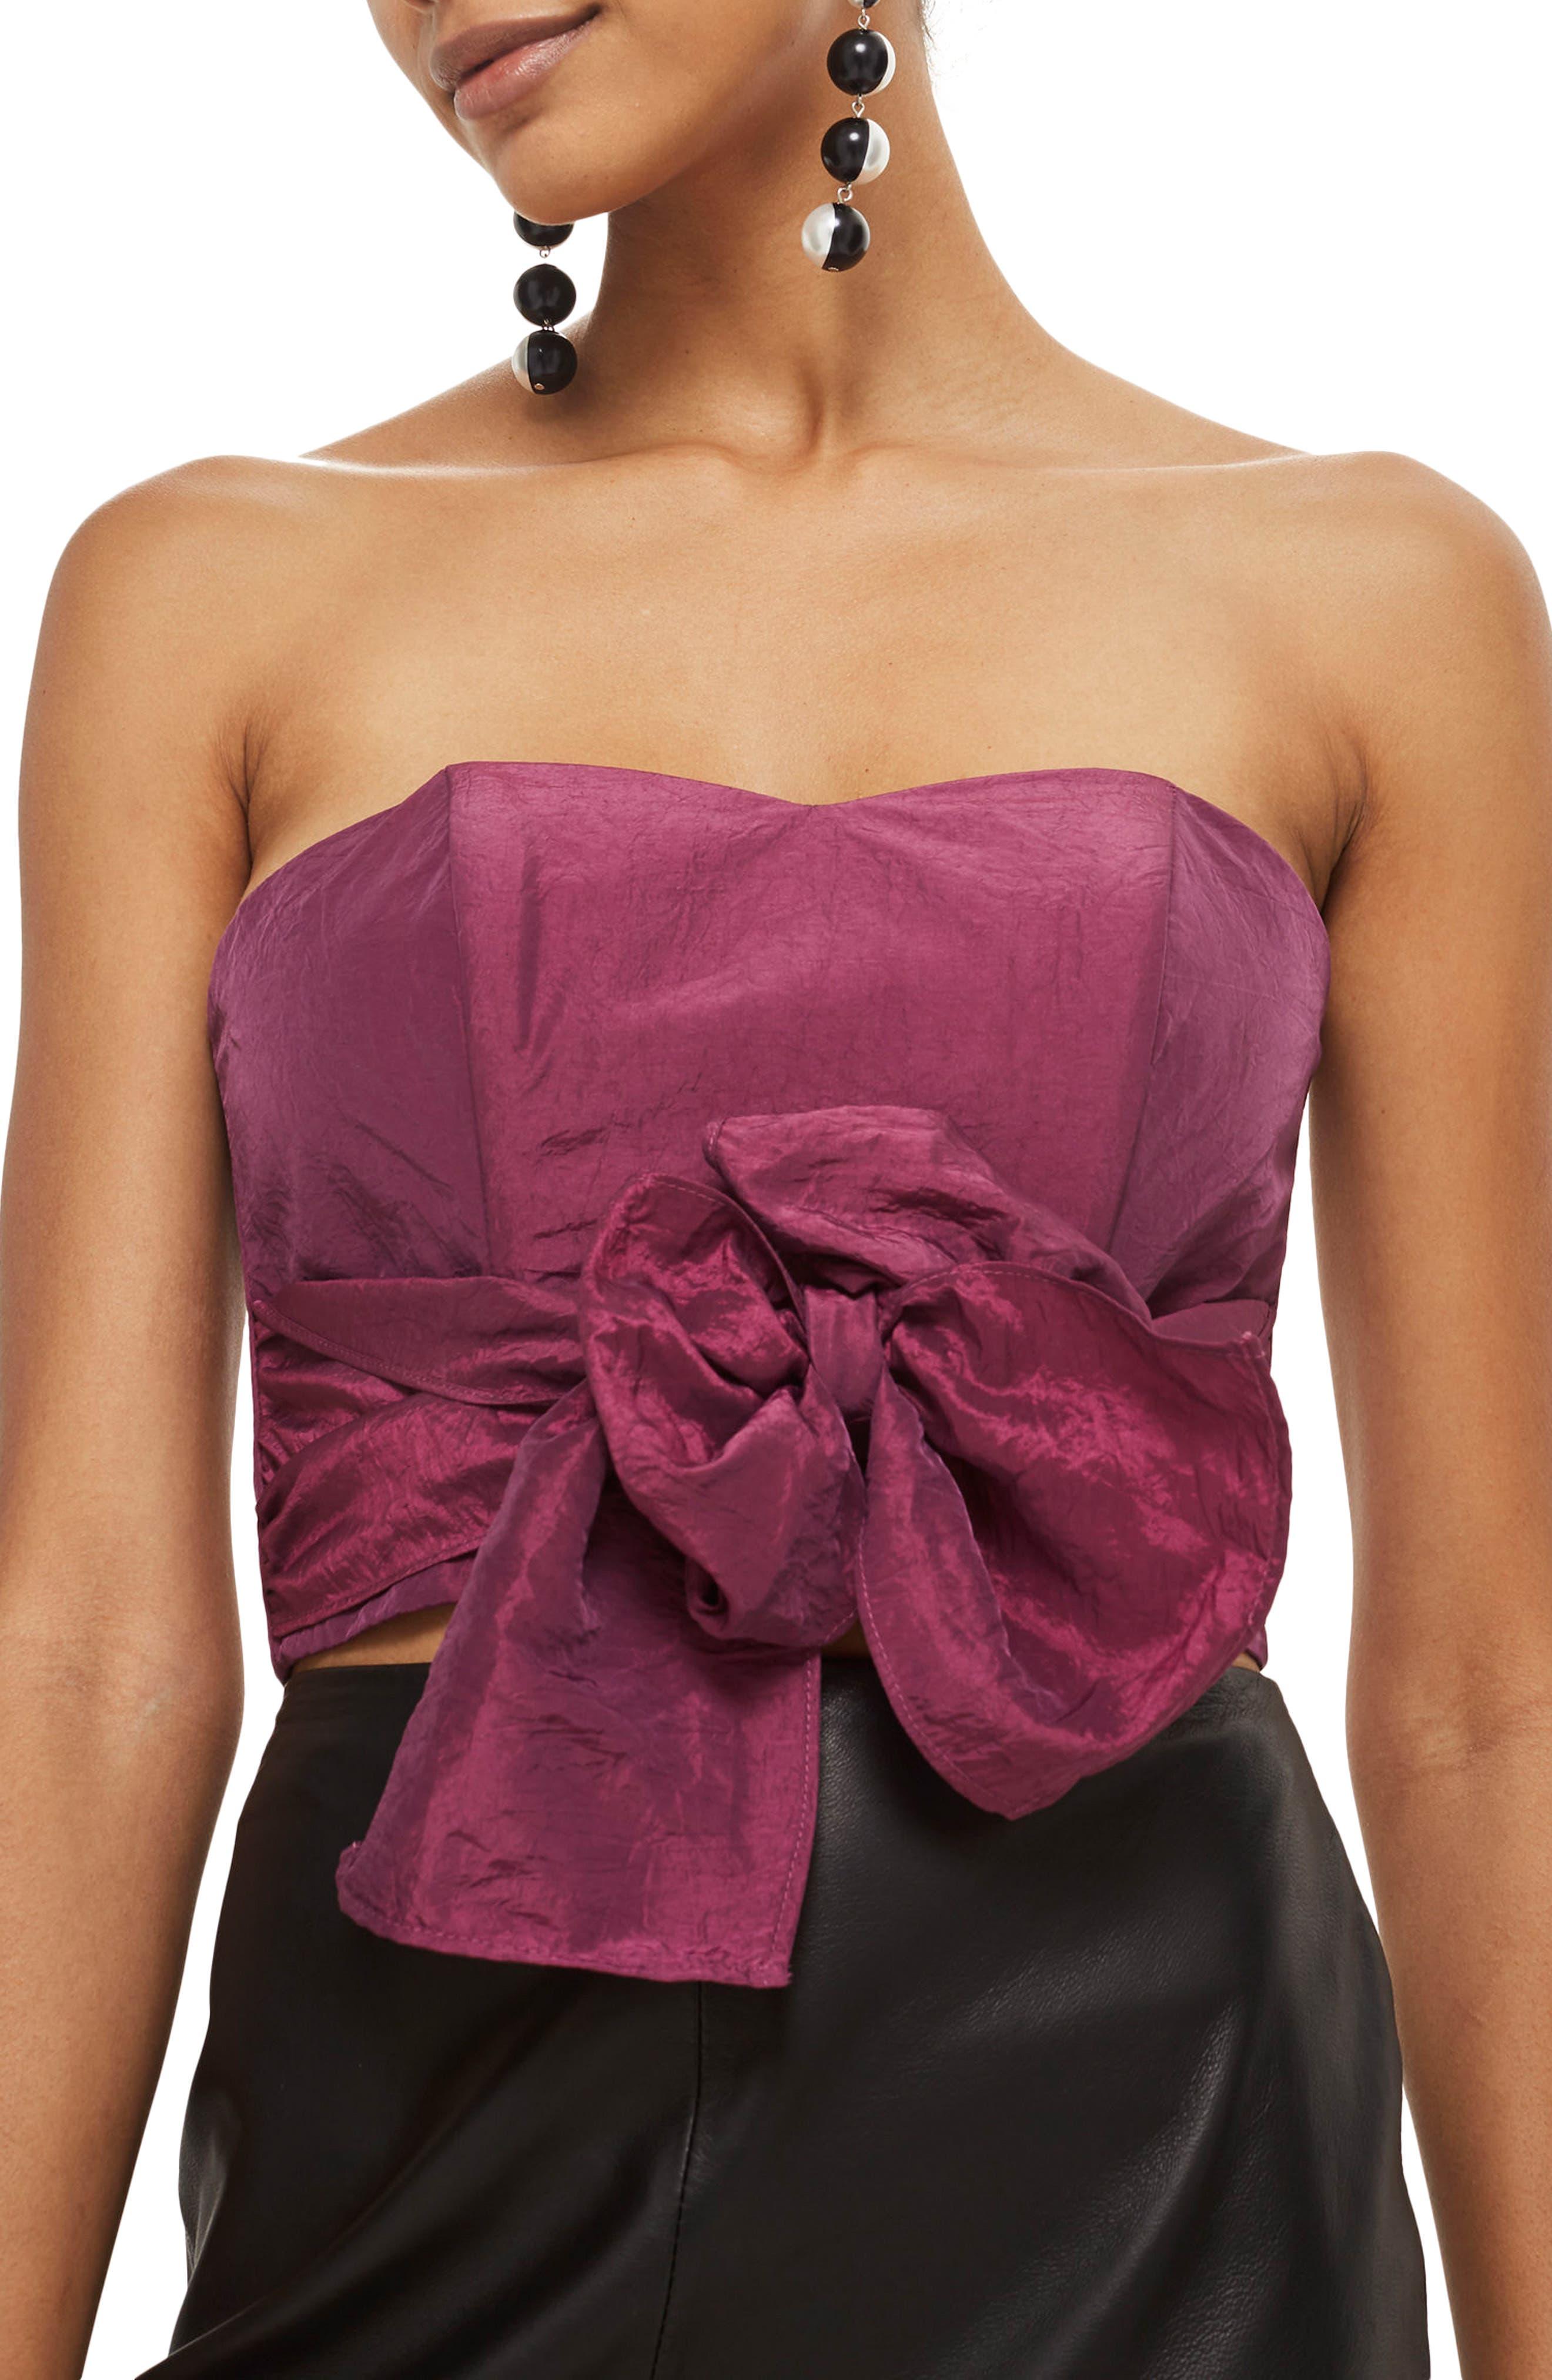 Taffeta Sweetheart Bandeau Tie Blouse,                             Main thumbnail 1, color,                             Raspberry